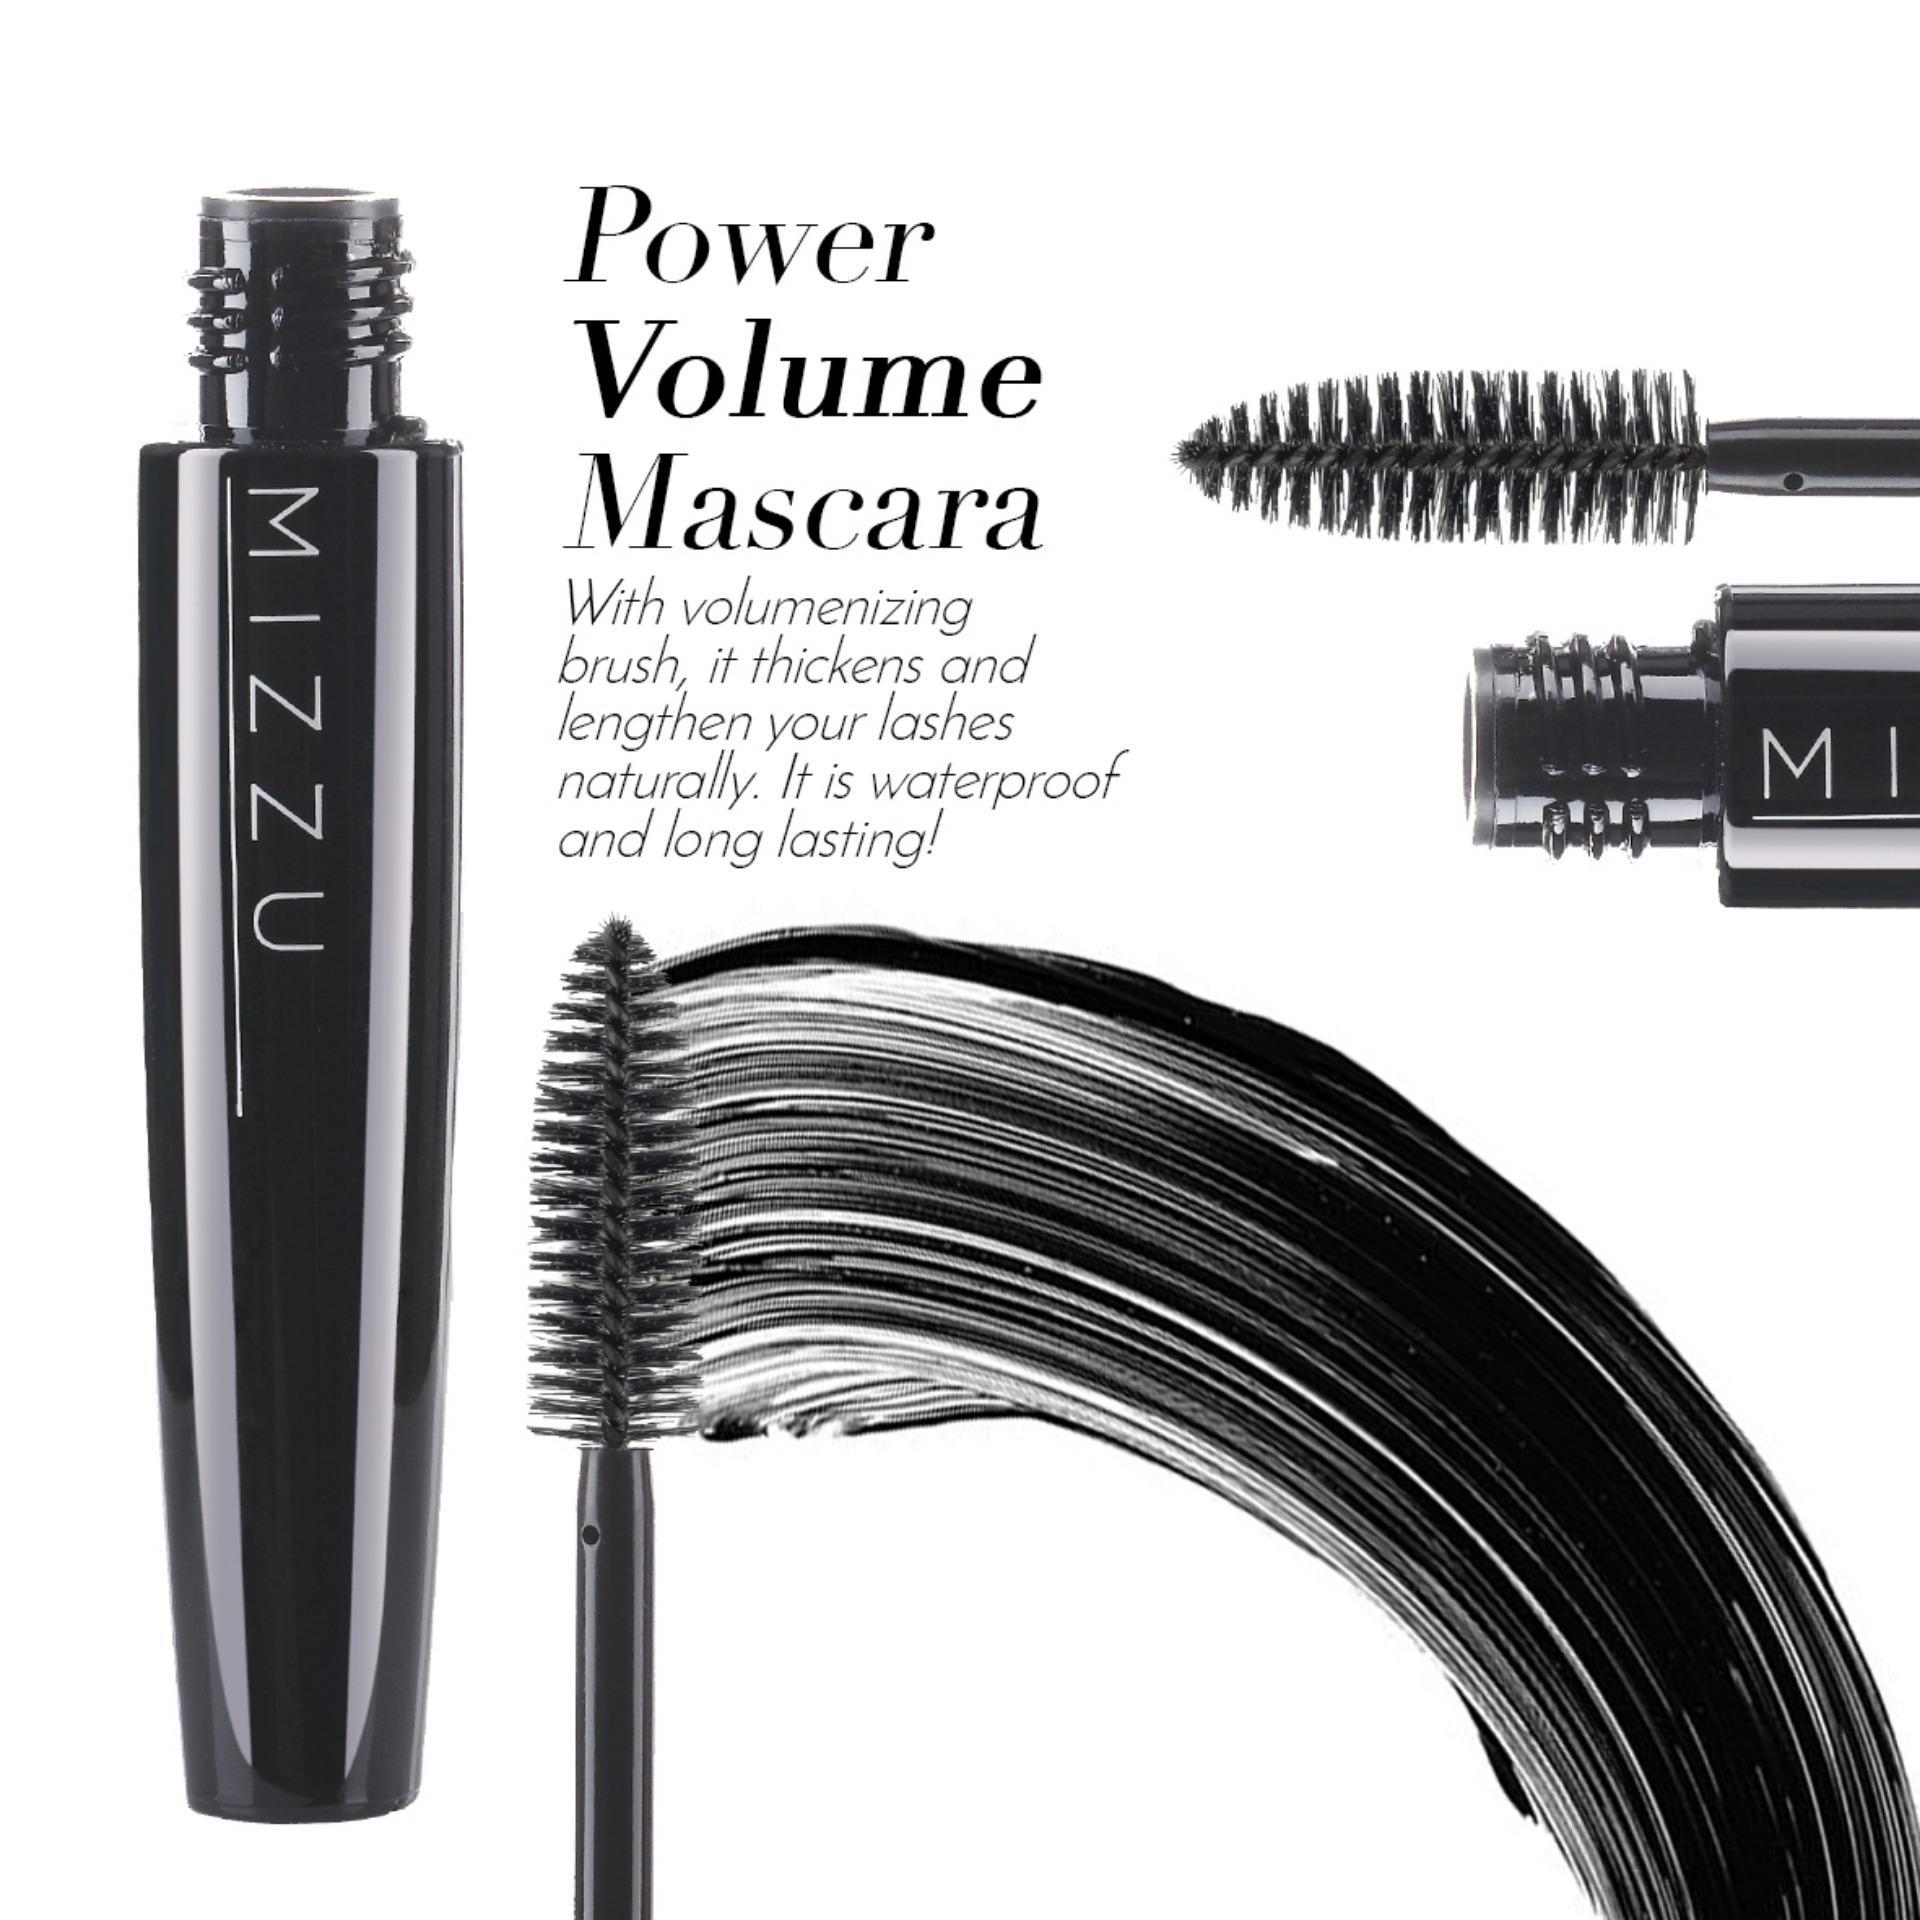 Cek Harga Baru Mizzu Power Volume Mascara Black Waterproof Warna Esenses 8ml Gambar Produk Rinci Pigmented Menebalkan Melentikkan Maskara Terkini